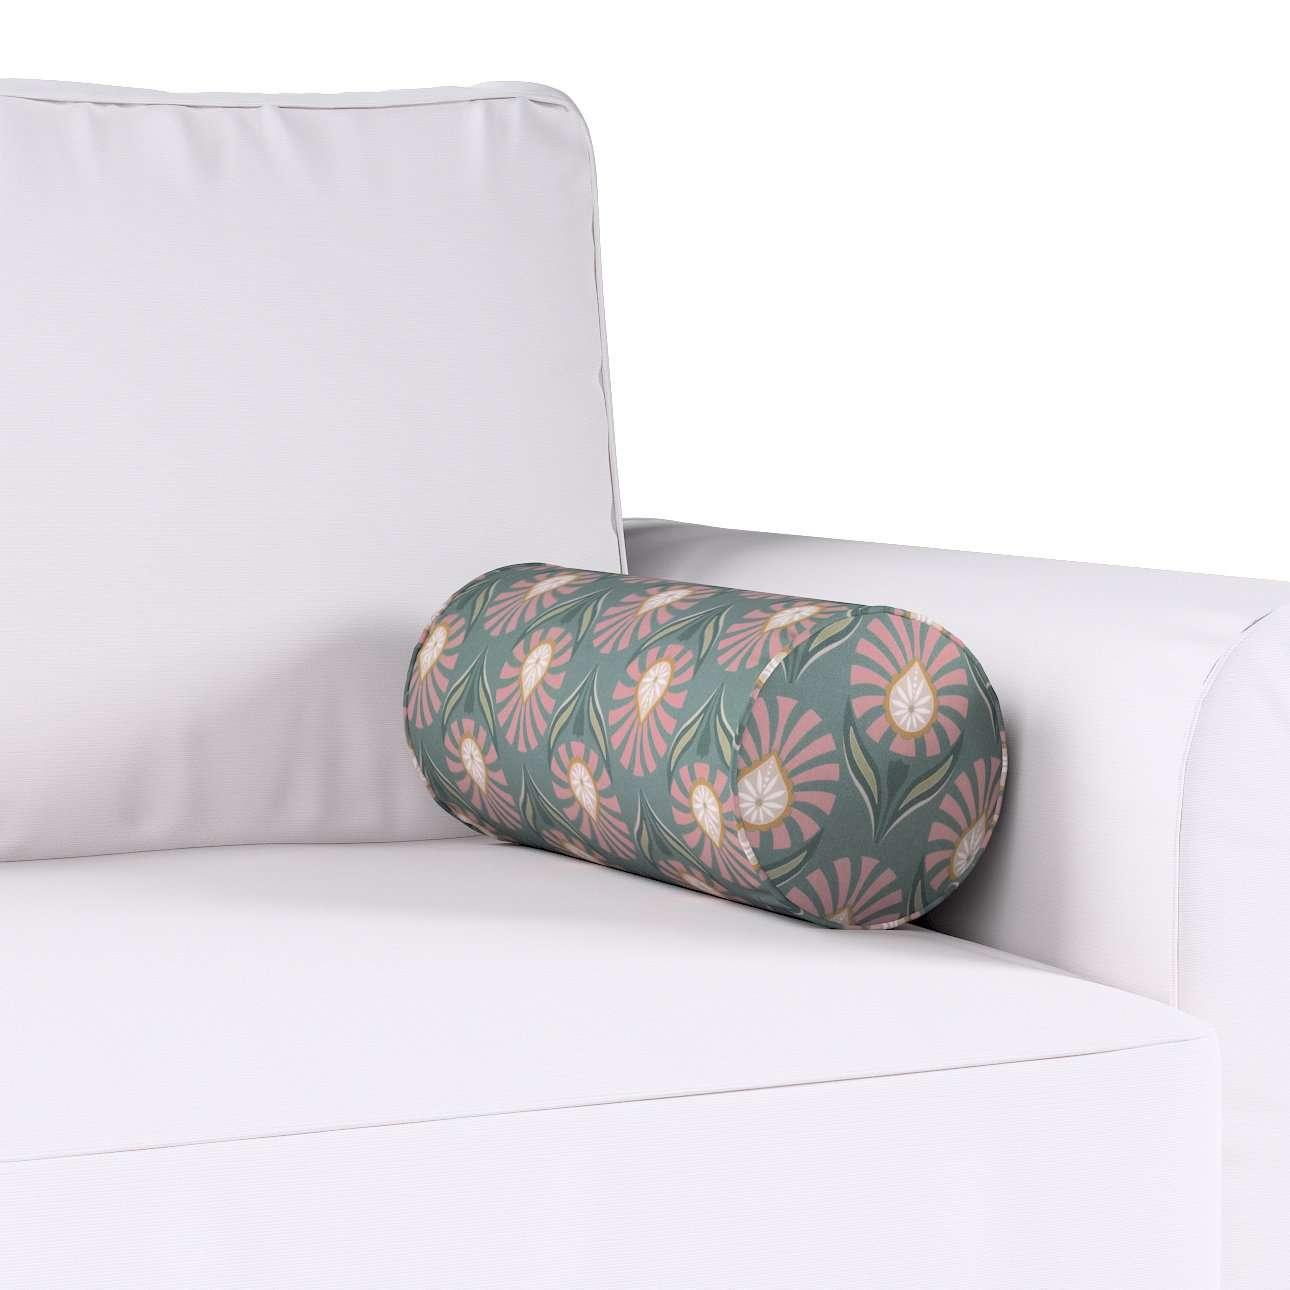 Poduszka wałek prosty w kolekcji Gardenia, tkanina: 142-17